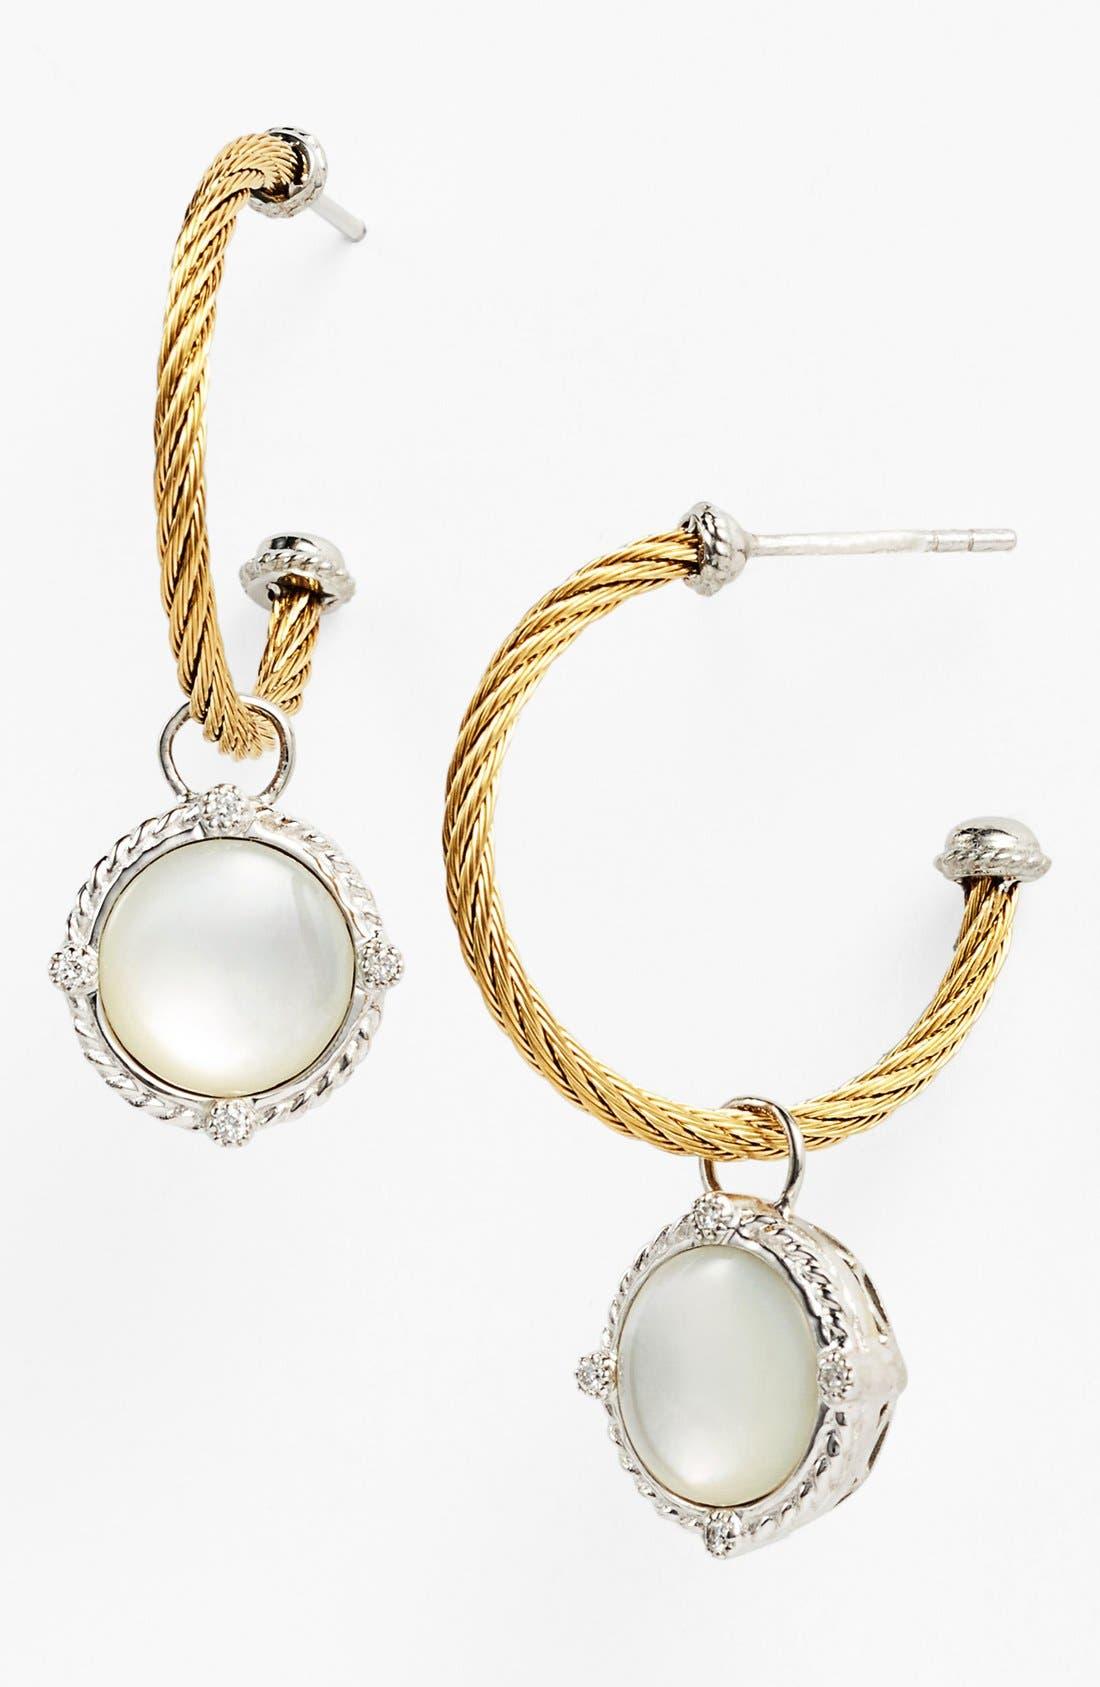 Alternate Image 1 Selected - ALOR® Diamond & Mother-of-Pearl Hoop Earrings